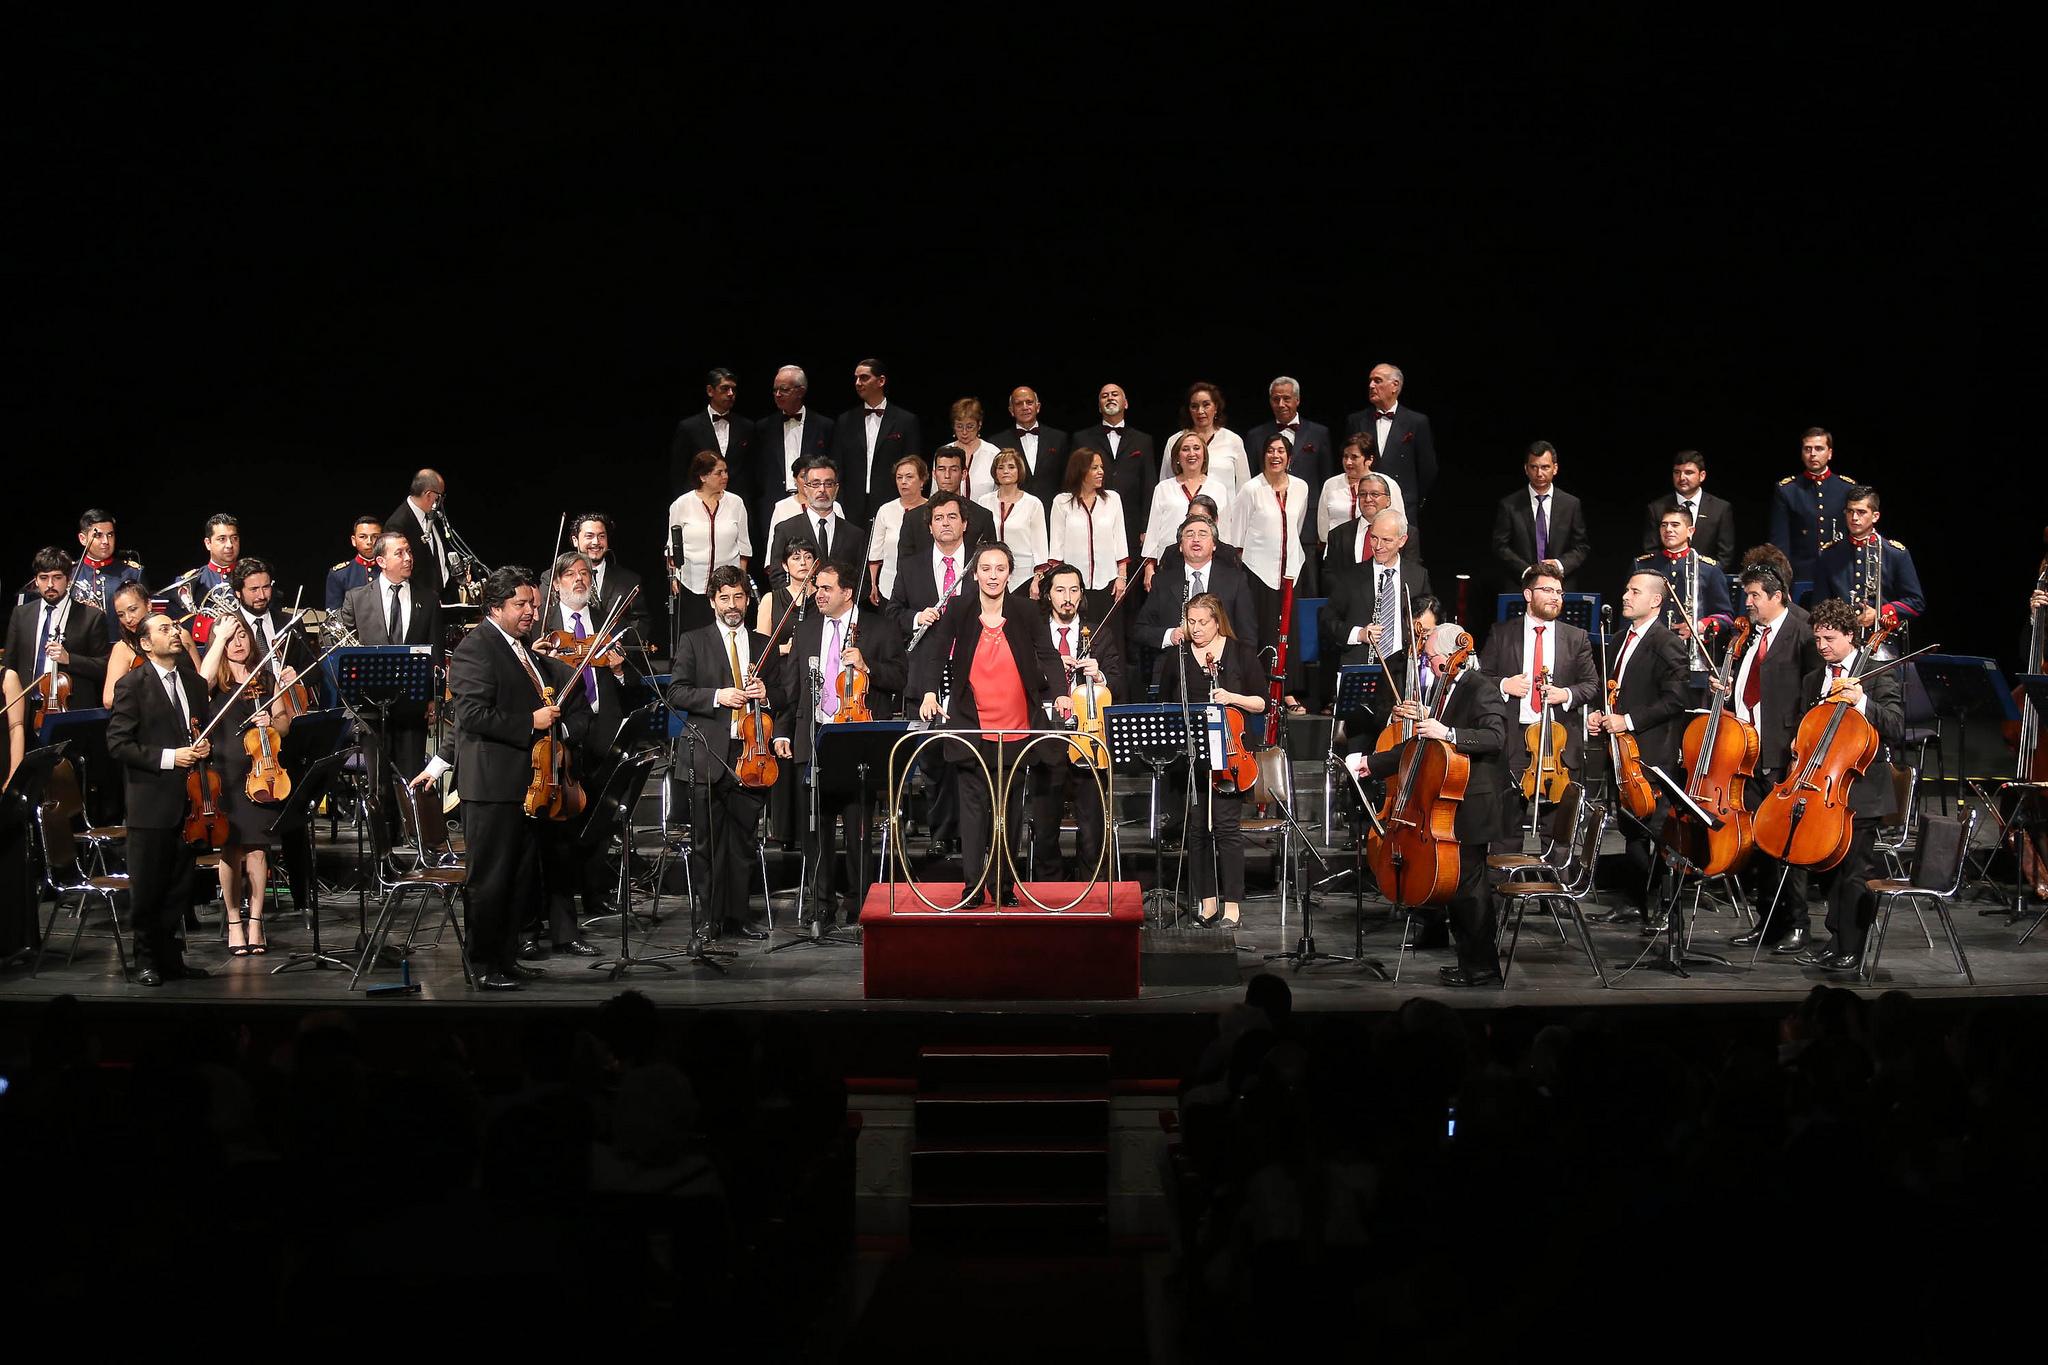 Consejo de la Cultura invita a disfrutar de la música y la danza para amenizar este invierno